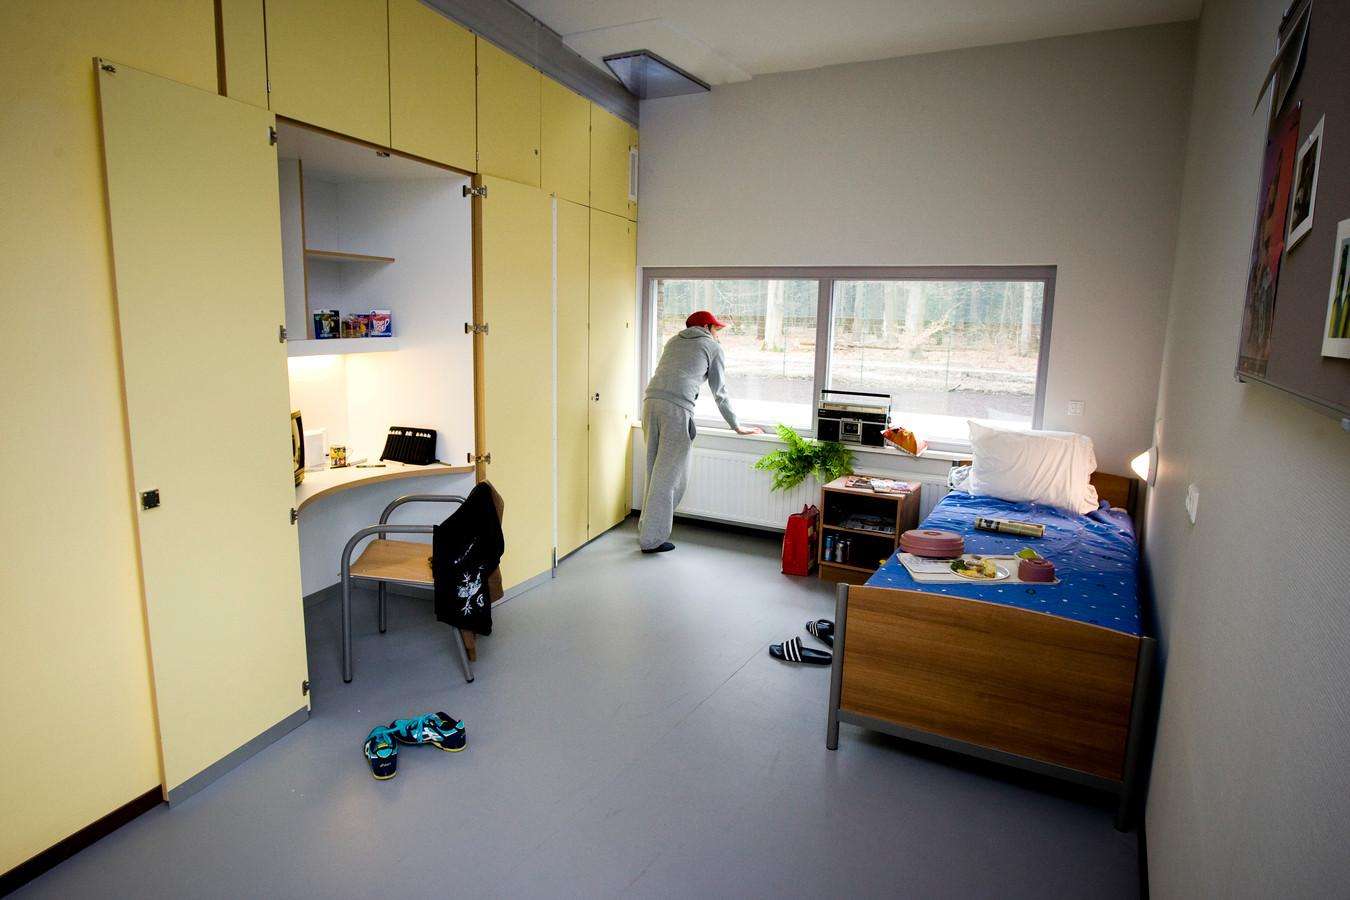 Archiefbeeld ter illustratie: GGZ-instelling de Woenselse Poort in Eindhoven. De Woenselse Poort behandelt mensen met meervoudige, complexe en langdurende psychiatrische problemen.